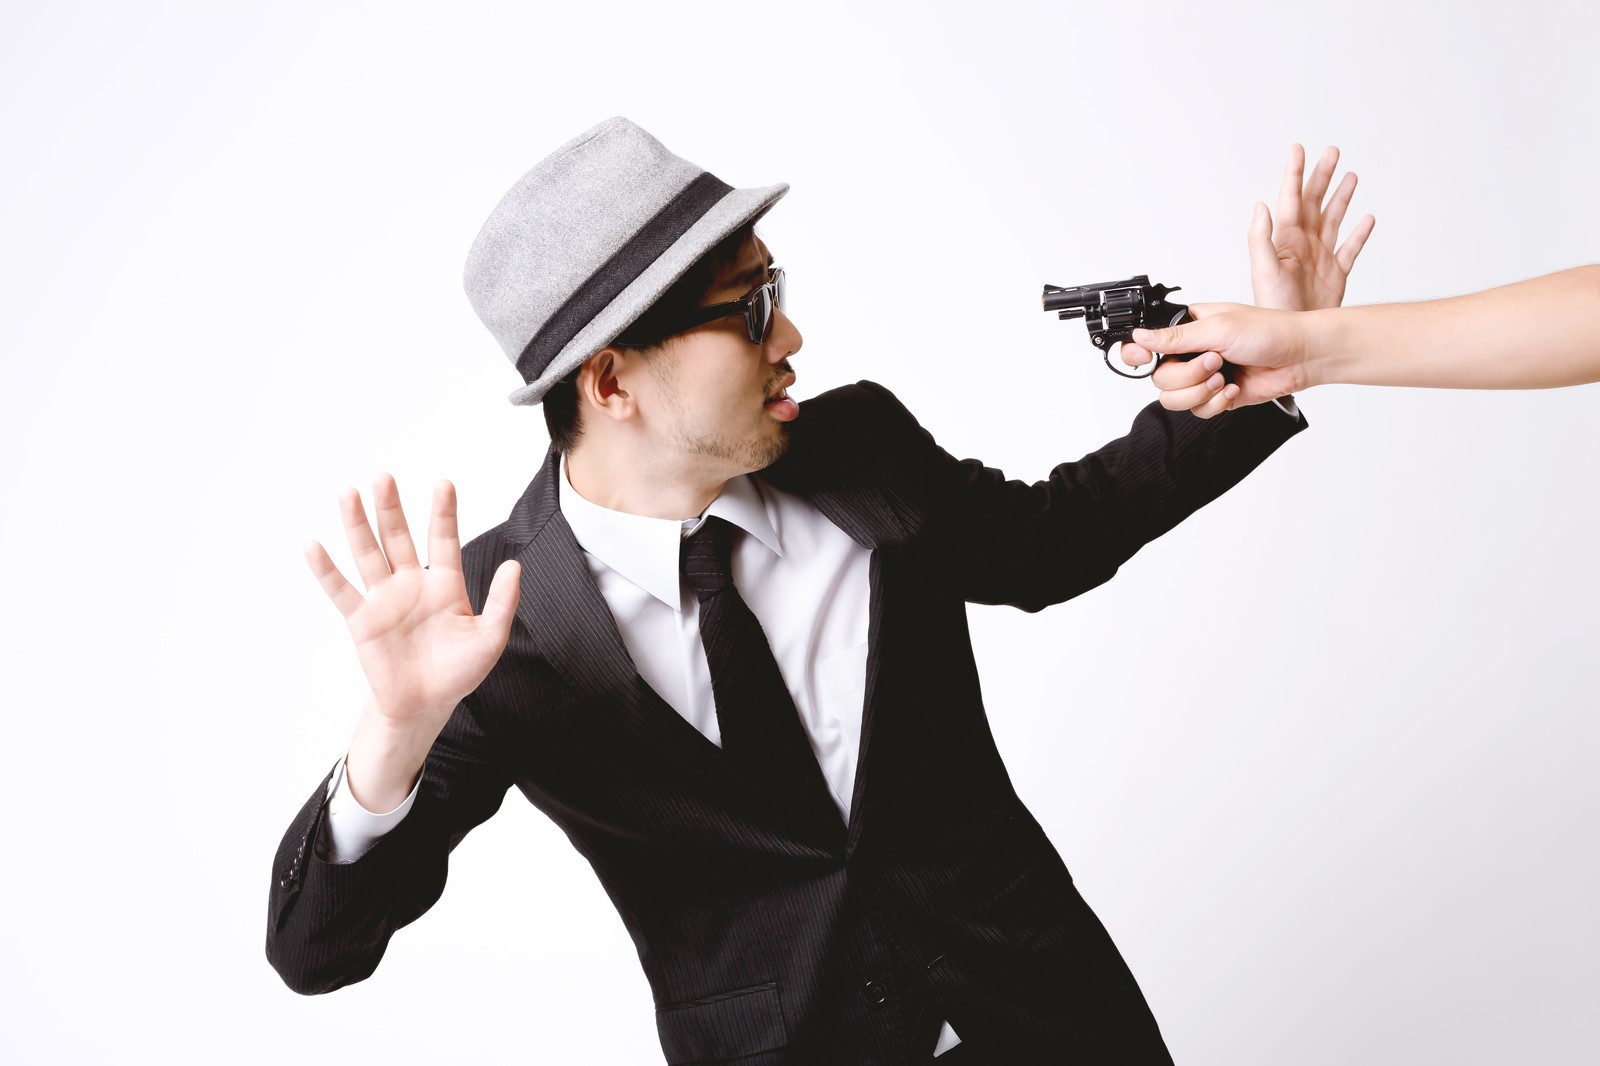 「拳銃を突きつけられ両腕をあげるエージェント | 写真の無料素材・フリー素材 - ぱくたそ」の写真[モデル:ひろゆき]